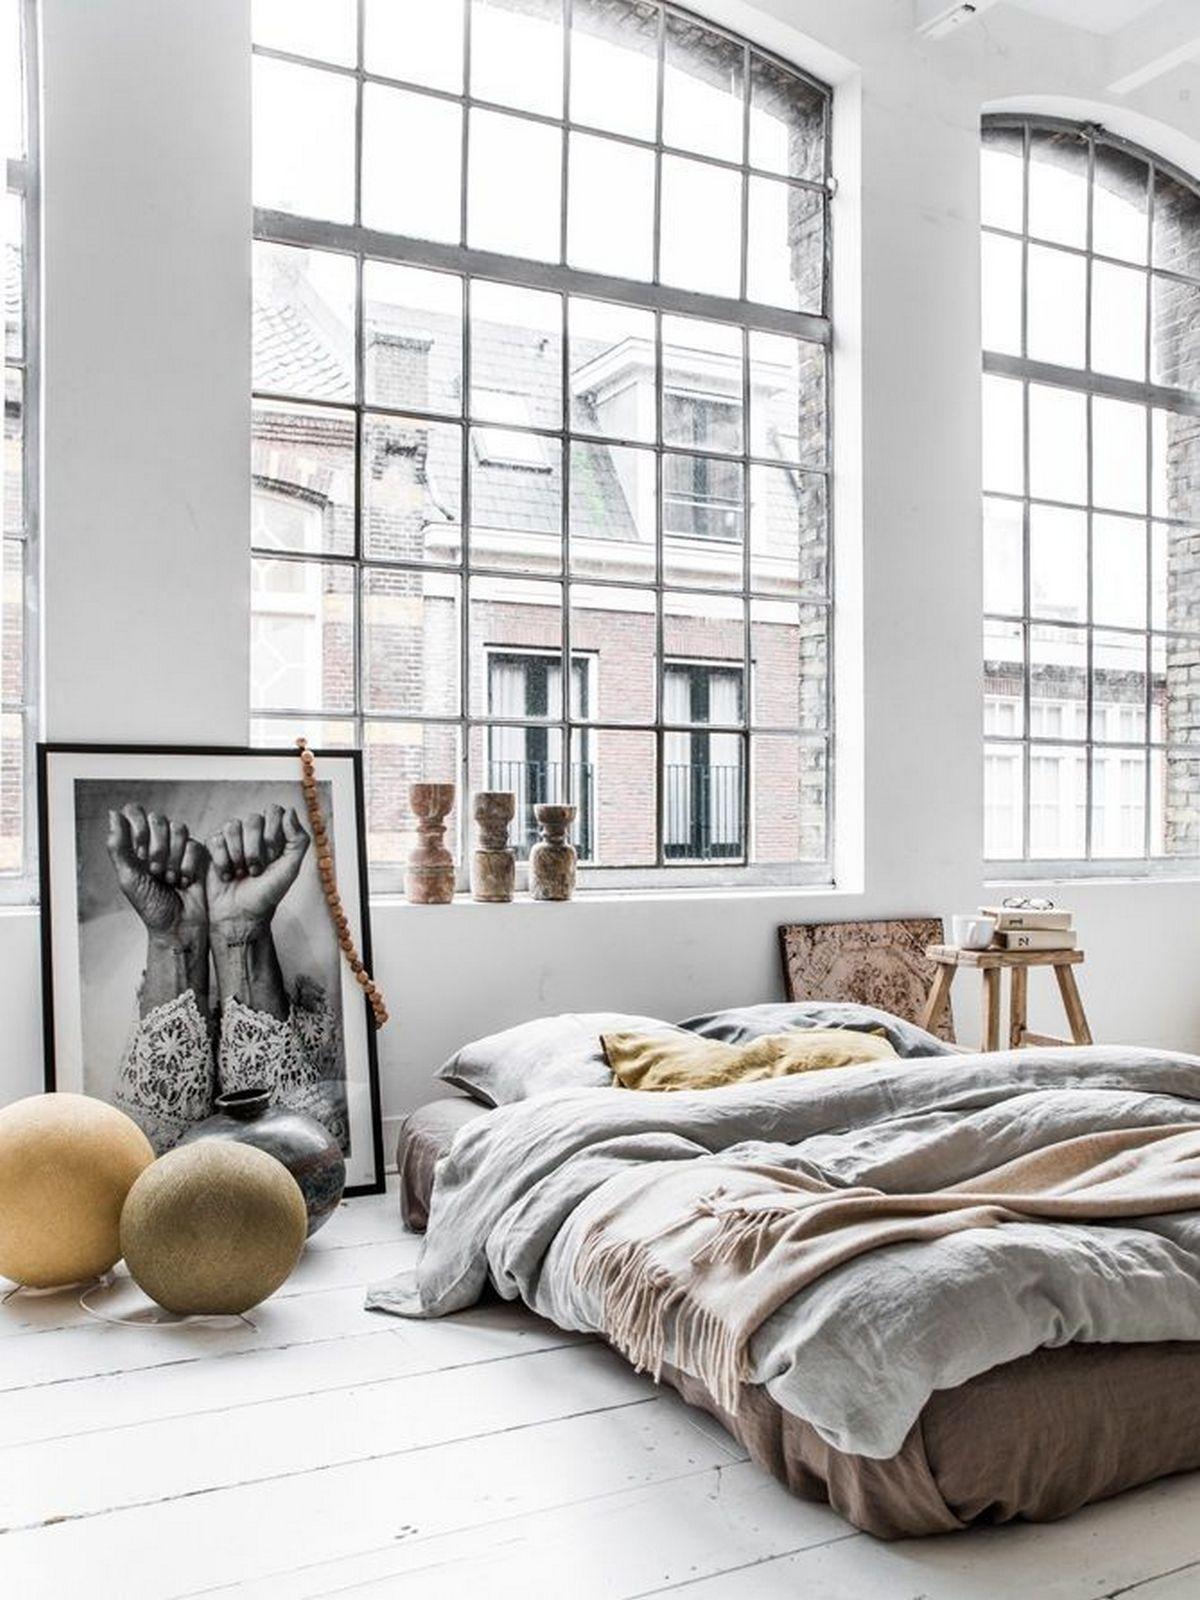 индустриальный стиль в дизайне интерьера спальня